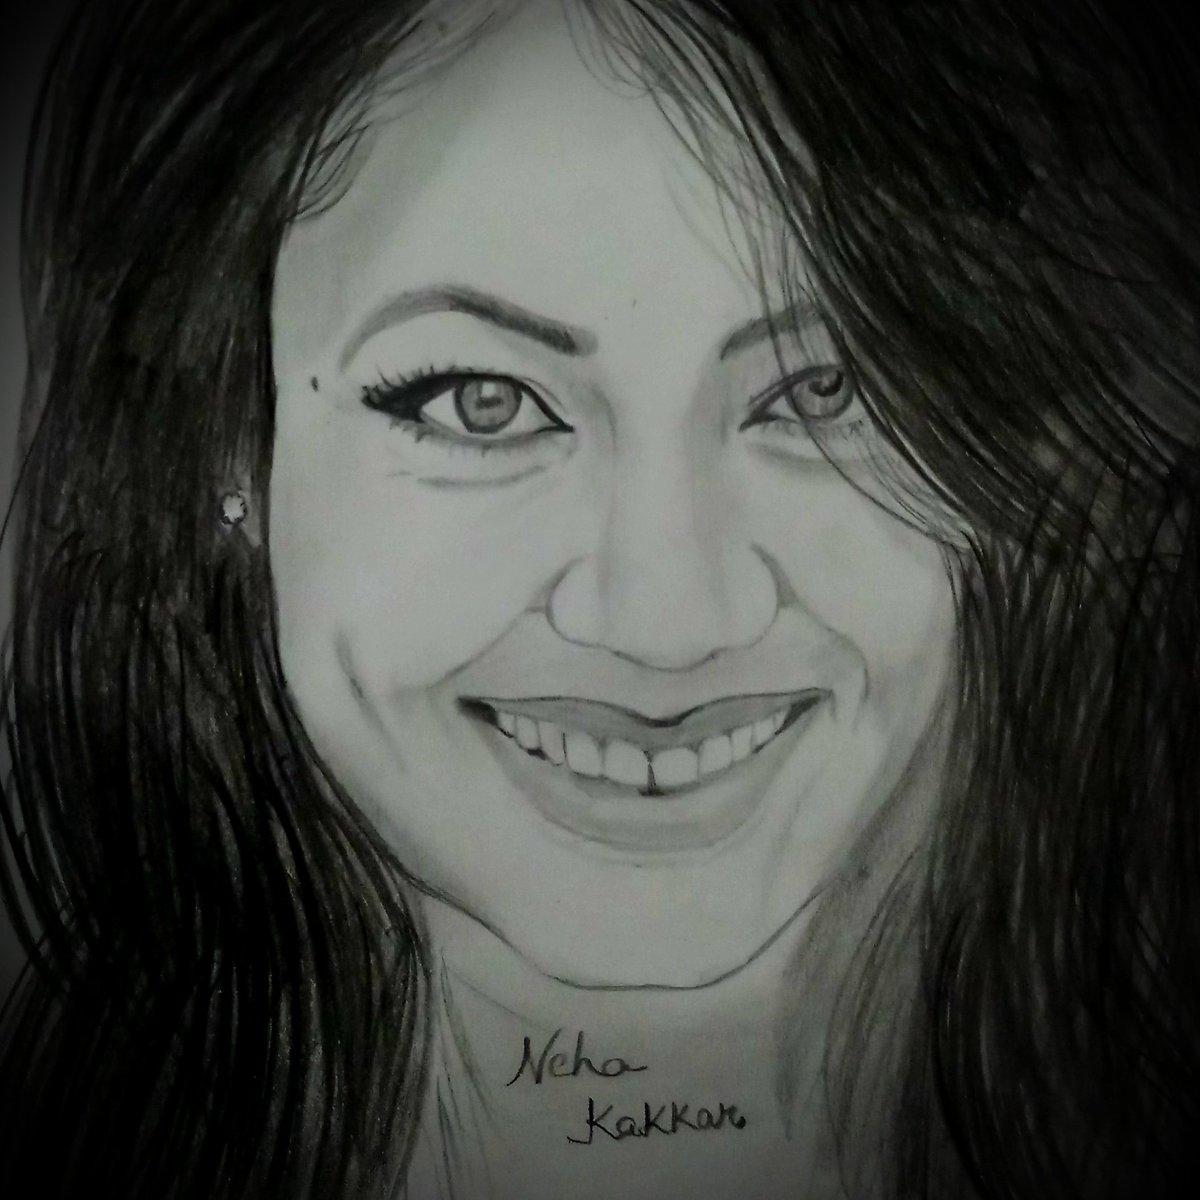 @NehaKakkarFans @NehaKakkarTeam @NehaKakkar_FC @Nehakakkarsinghpic.twitter.com/OQVgBfsNVu